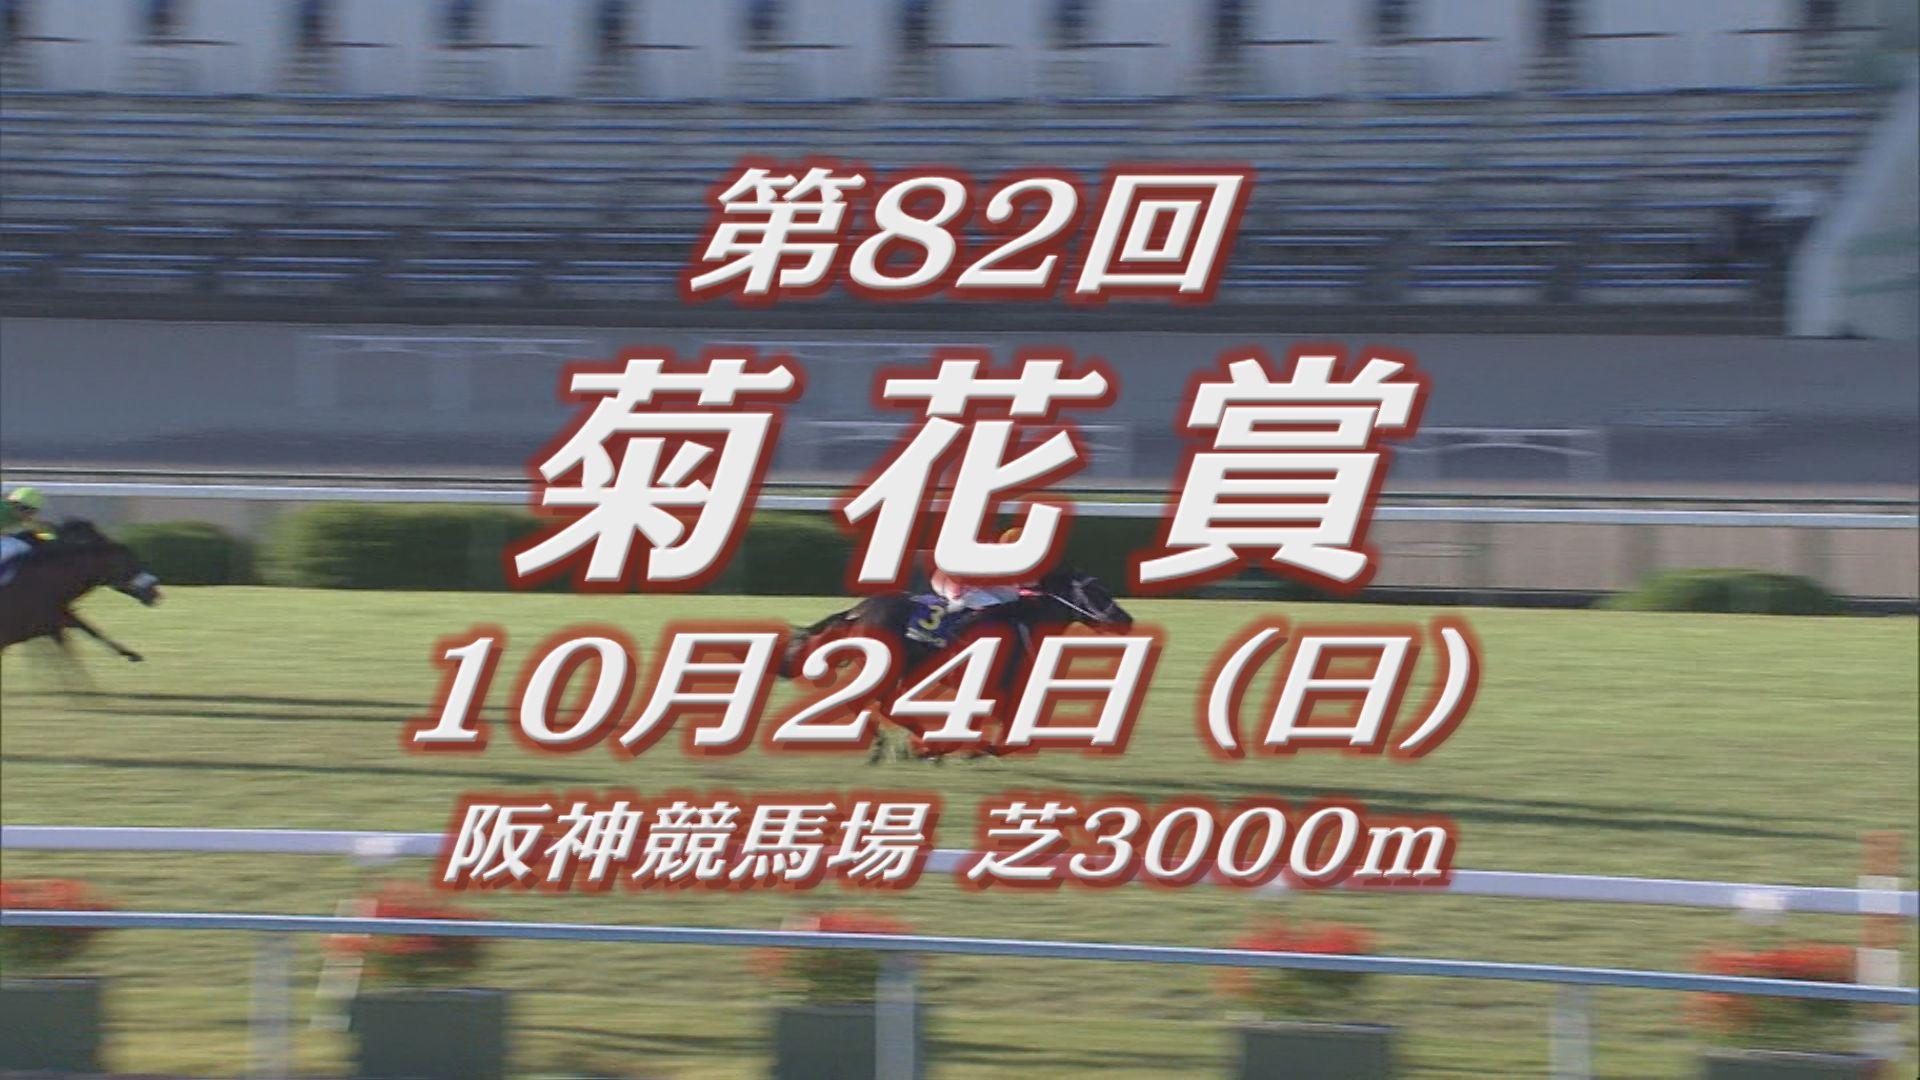 【GIレース出走予定馬紹介】菊花賞 10/24 阪神競馬場